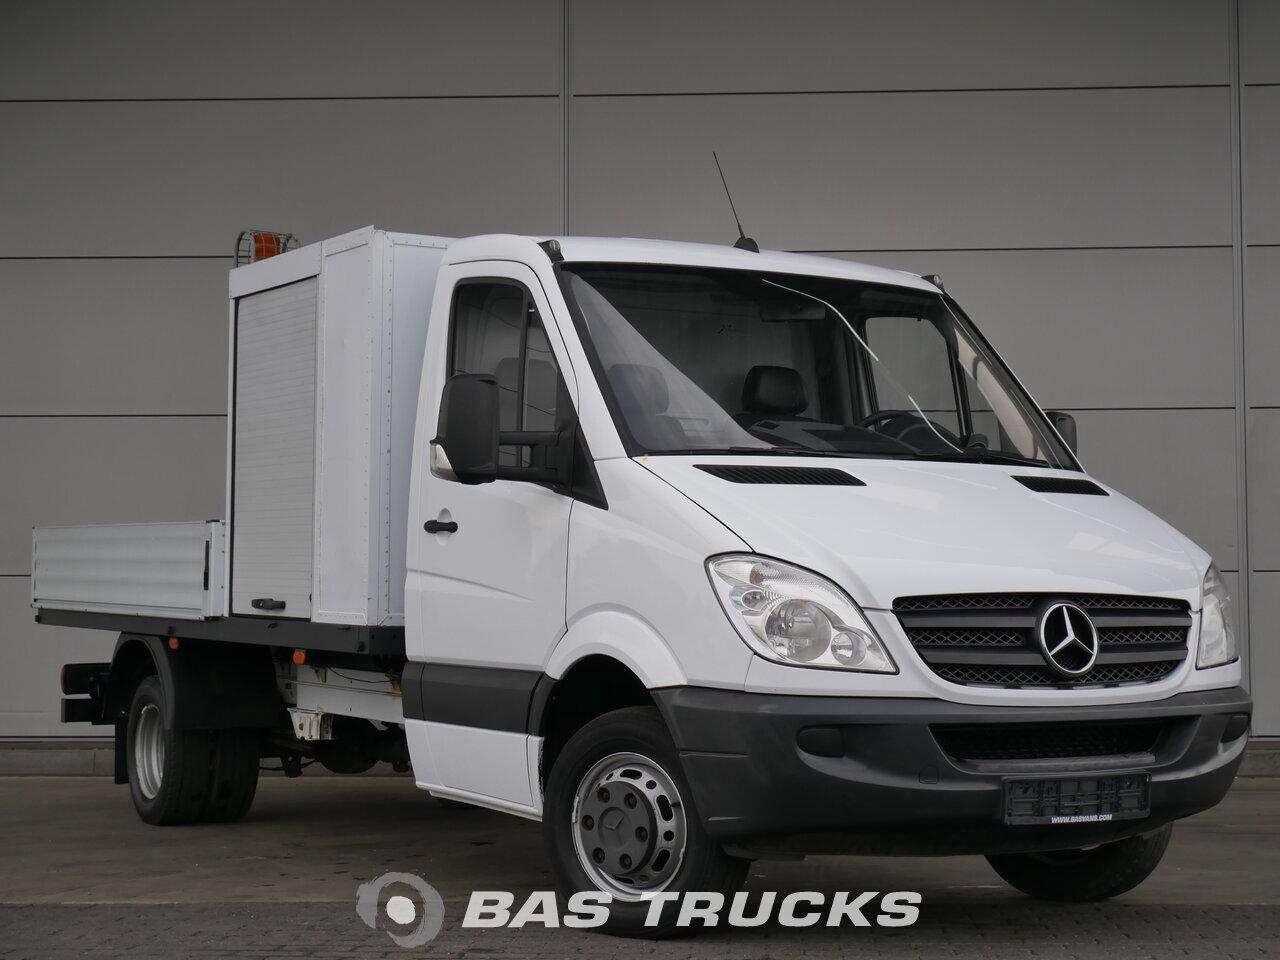 mercedes sprinter leichte nutzfahrzeuge 14900 bas trucks. Black Bedroom Furniture Sets. Home Design Ideas